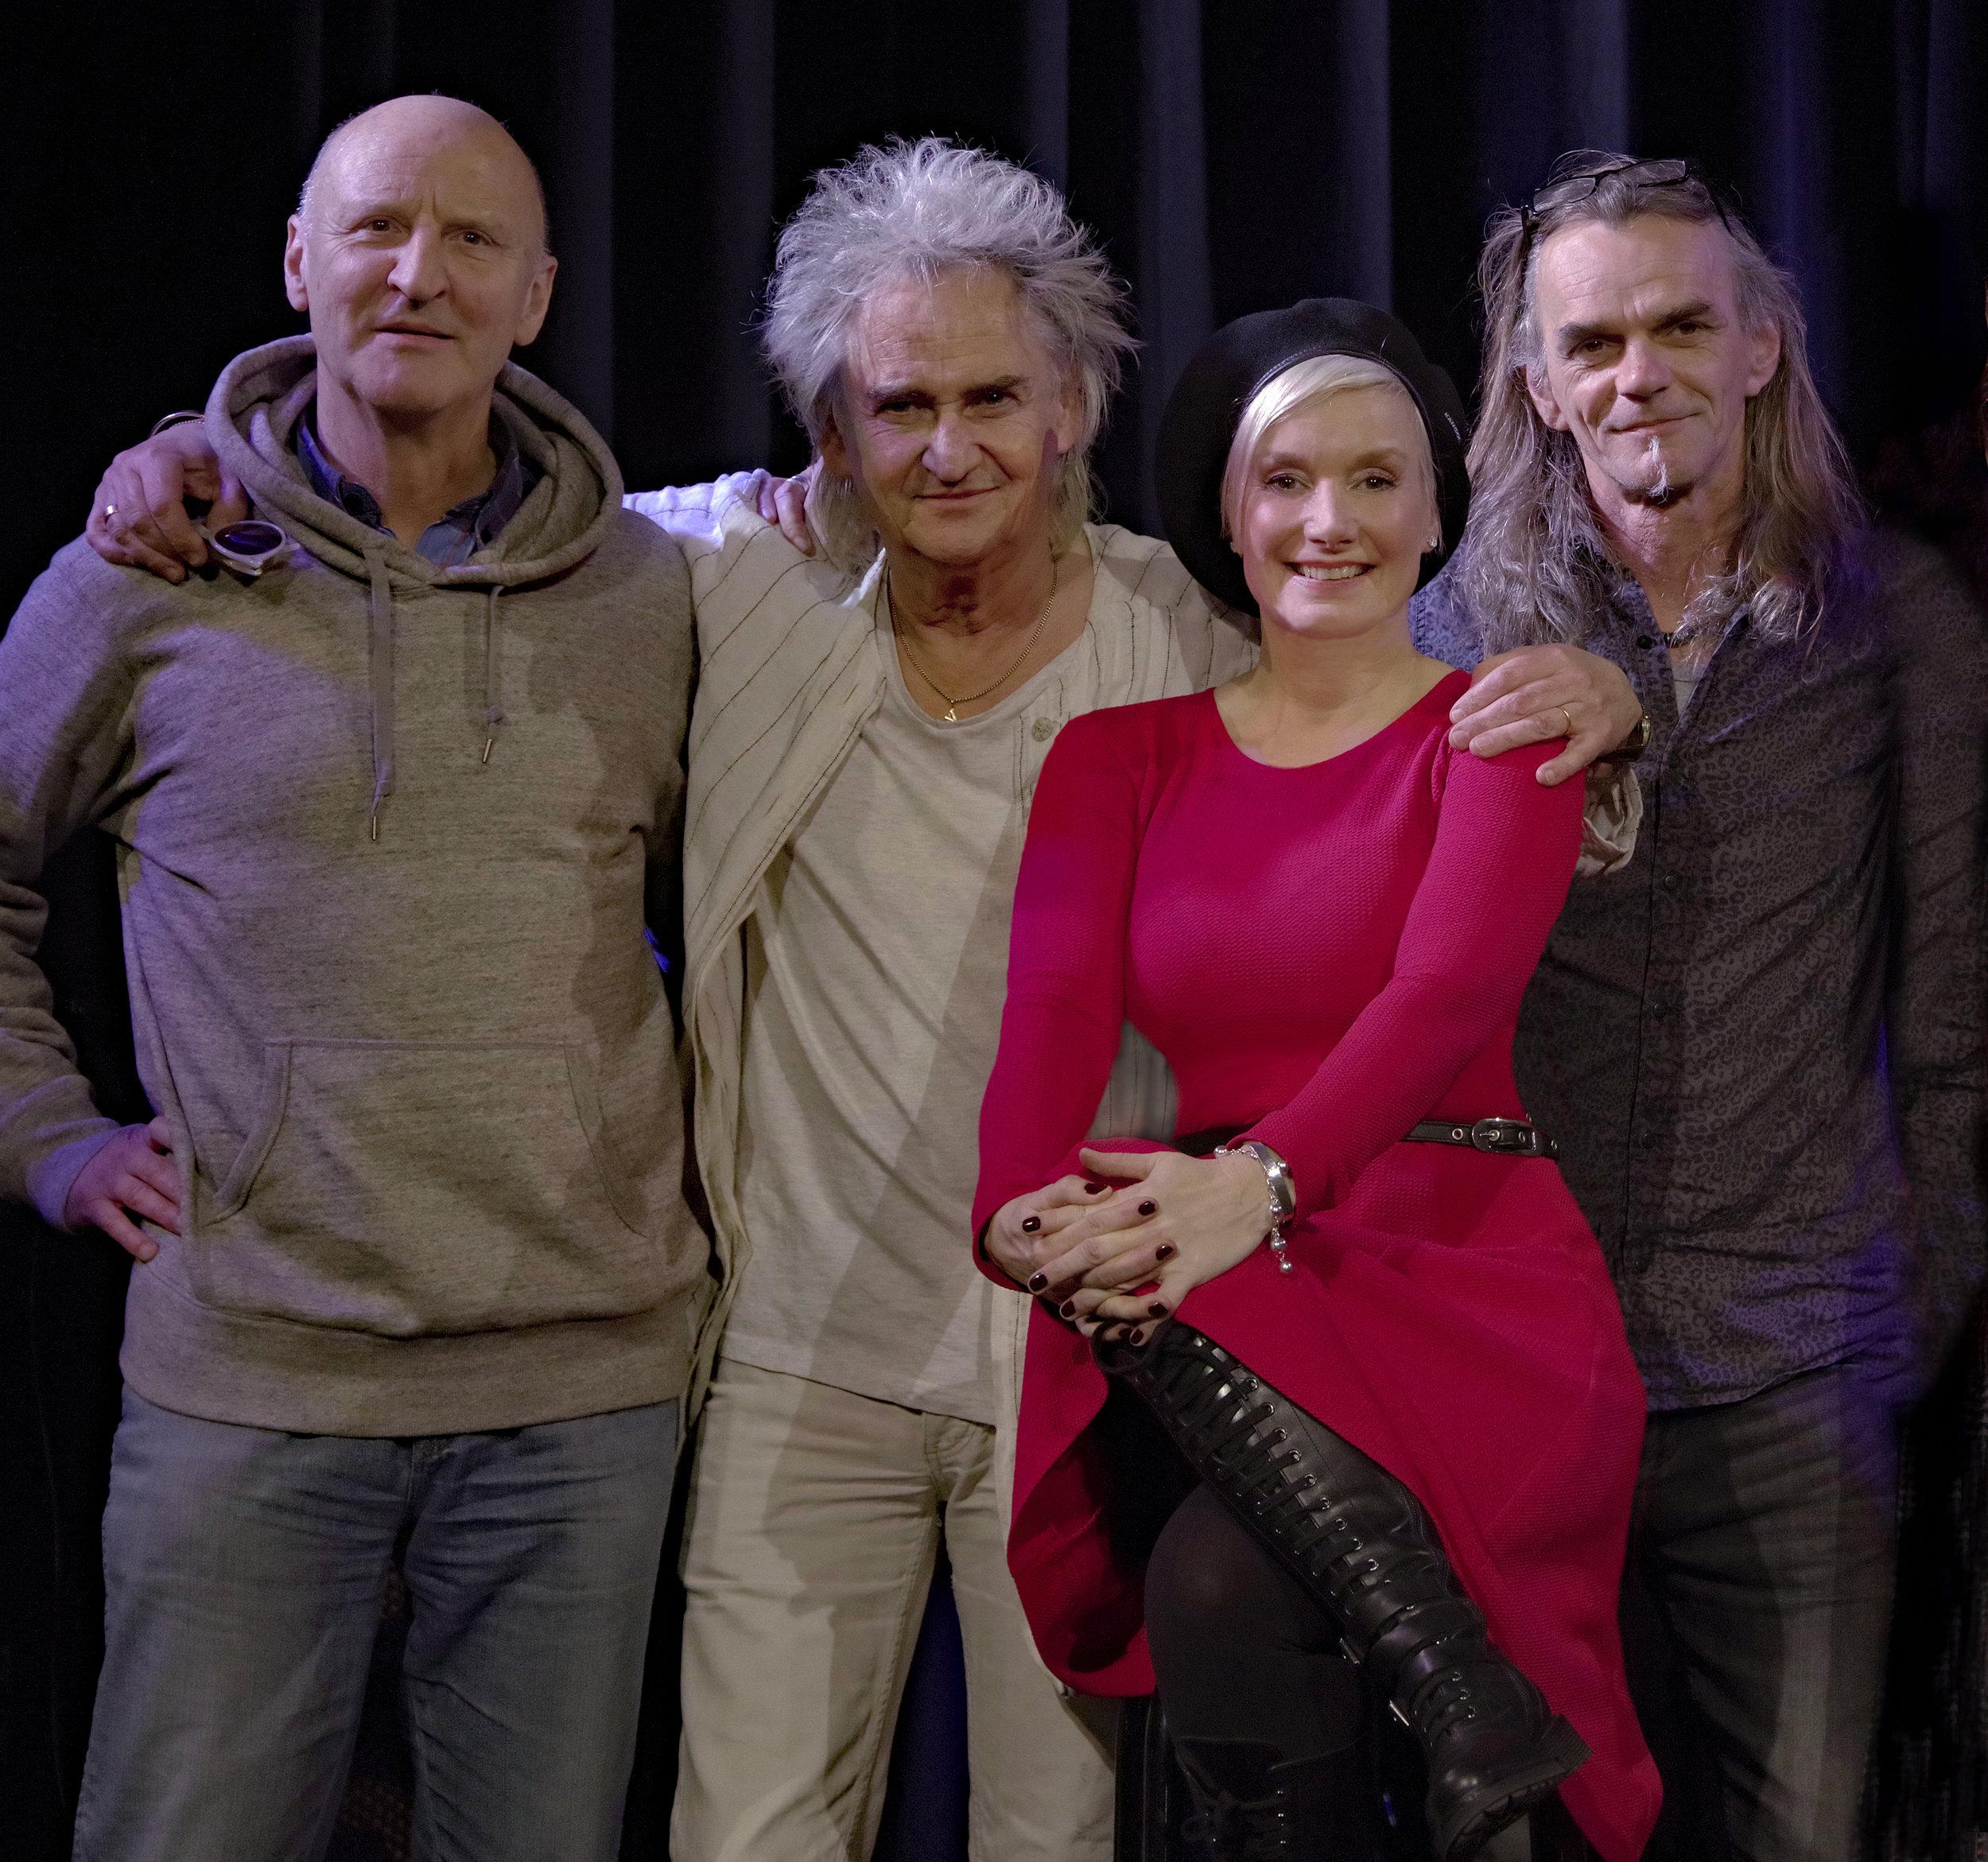 Pictured Left to Right: Volker Griepenstroh (Keys), Mickie Stickdorn (Drums), Floy (Vocals), Ritchie Kück-Michelmann (Guitar)